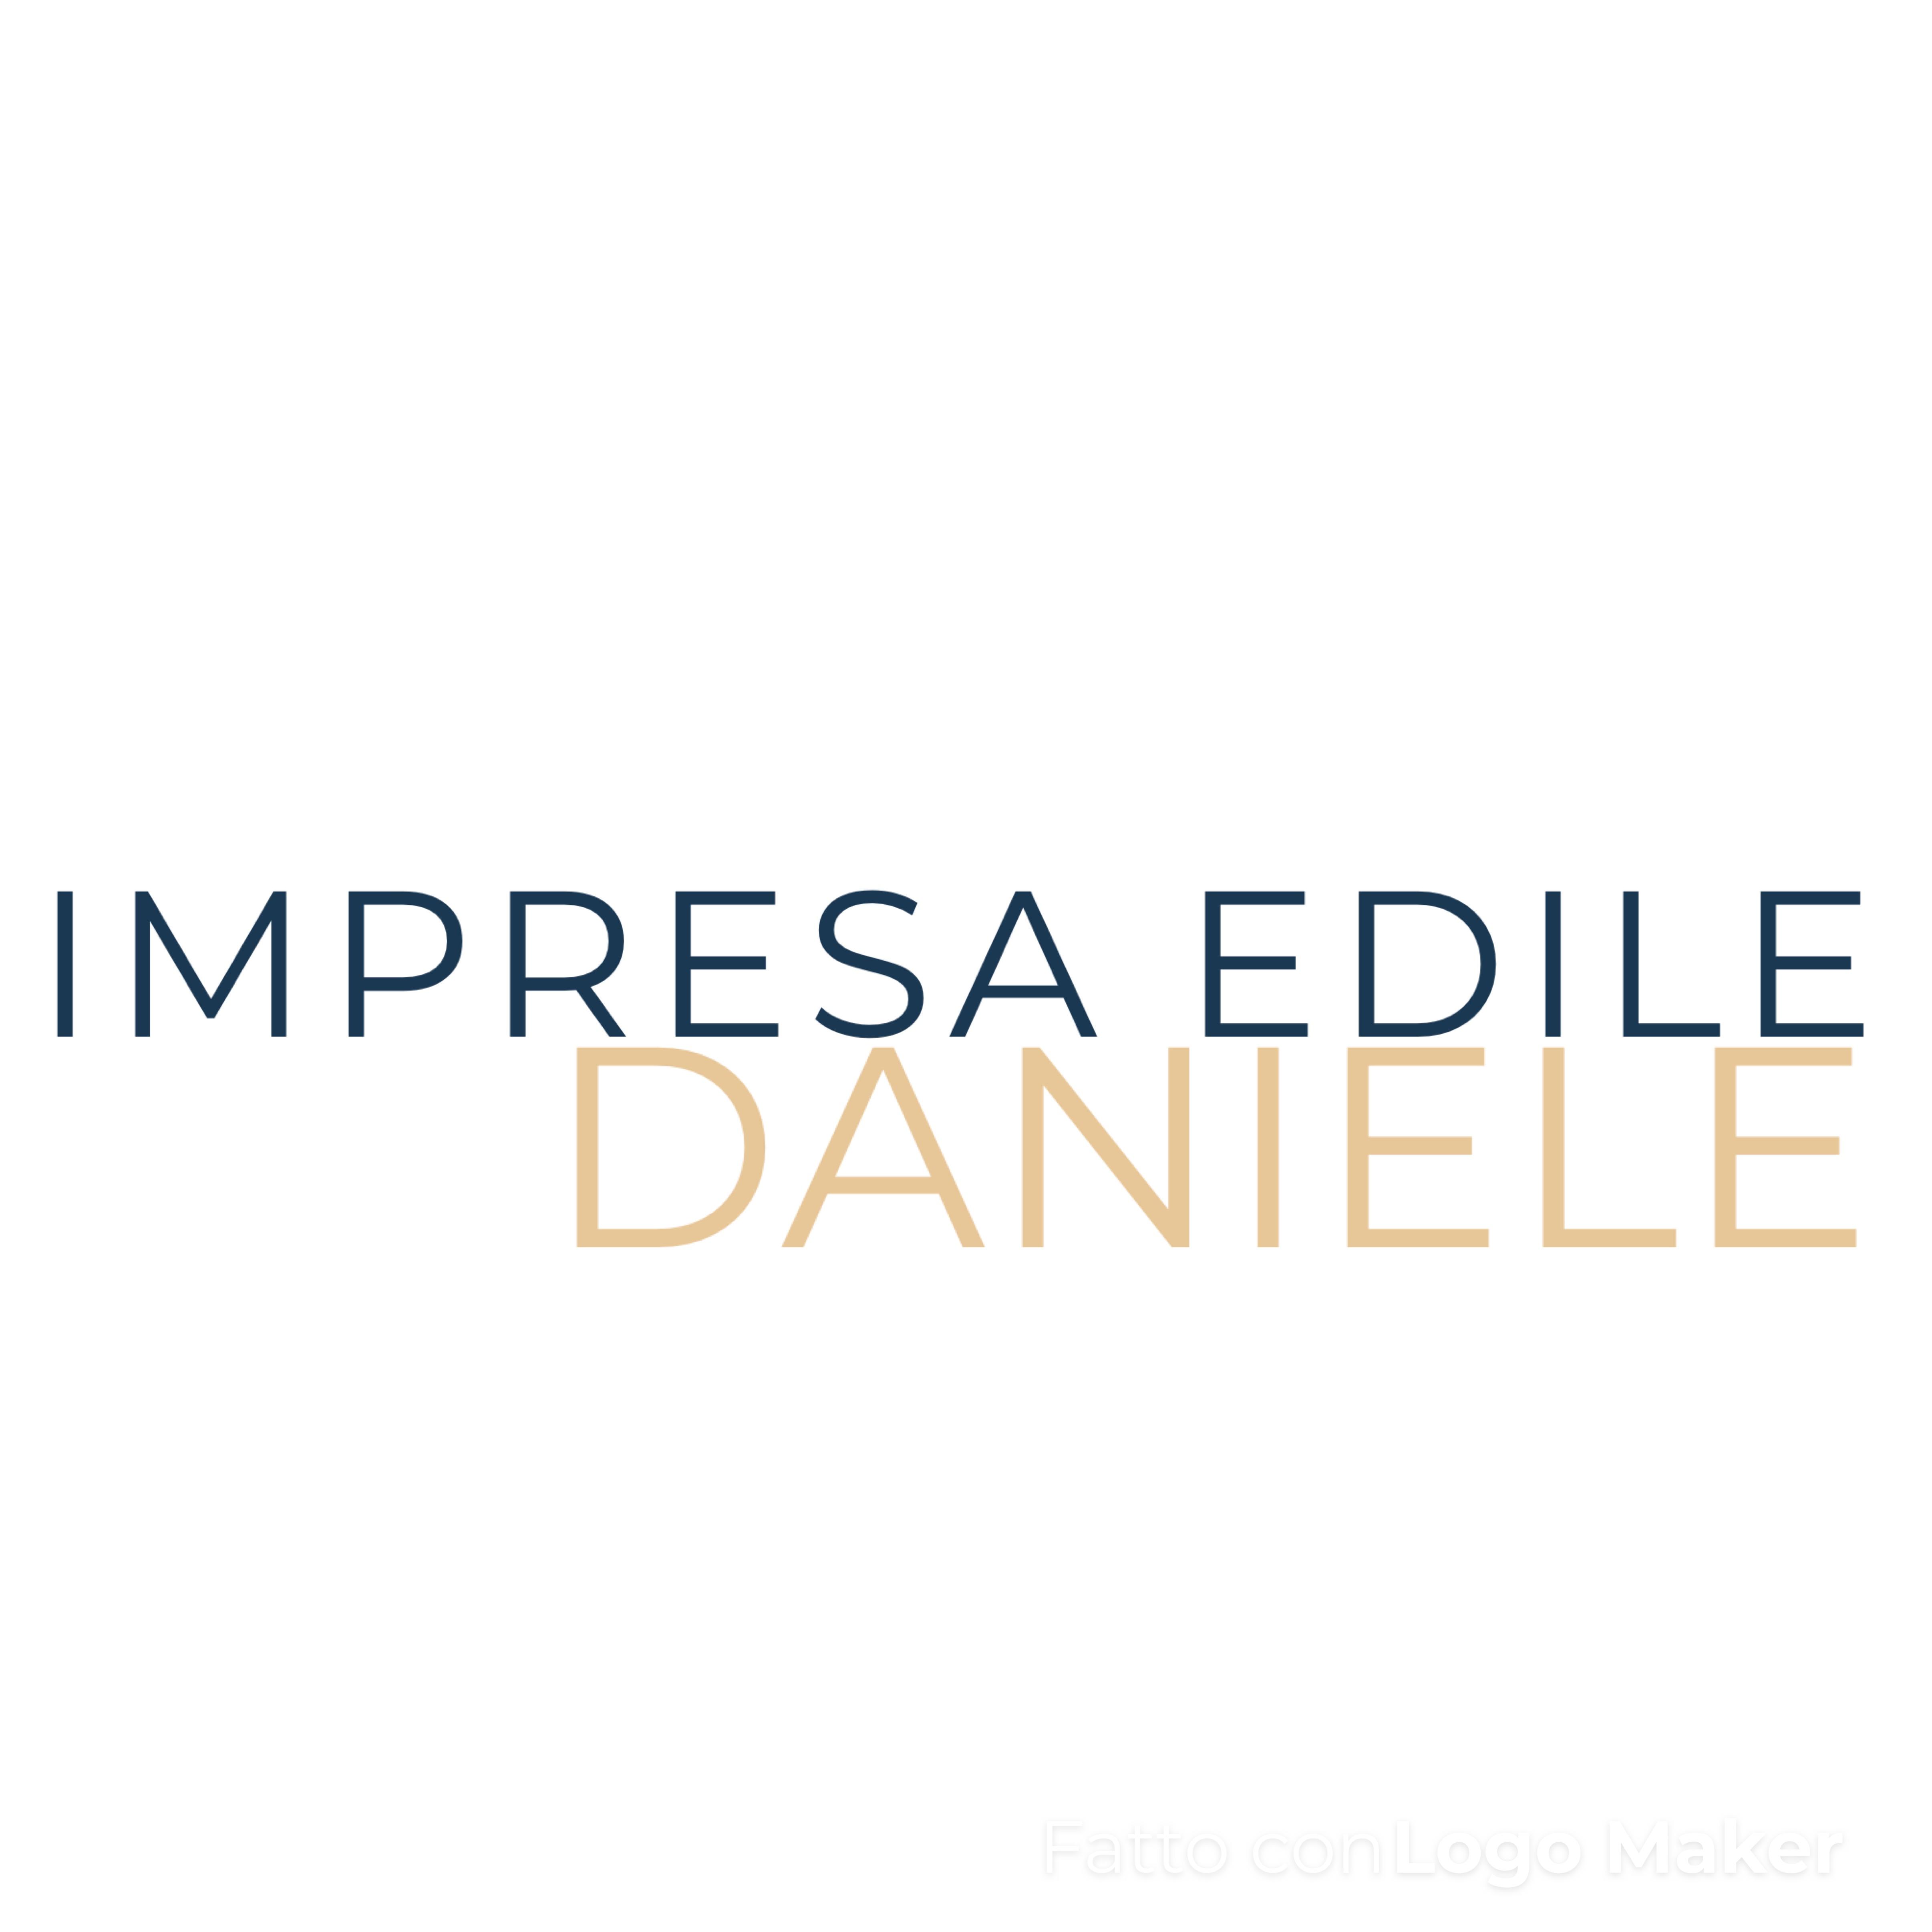 Impresa Edile Daniele